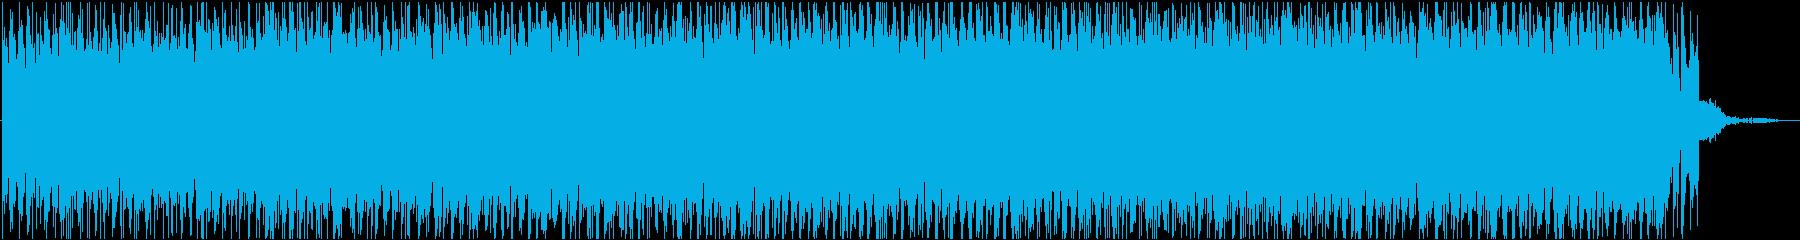 怪しげで疾走感のあるシタールの曲の再生済みの波形